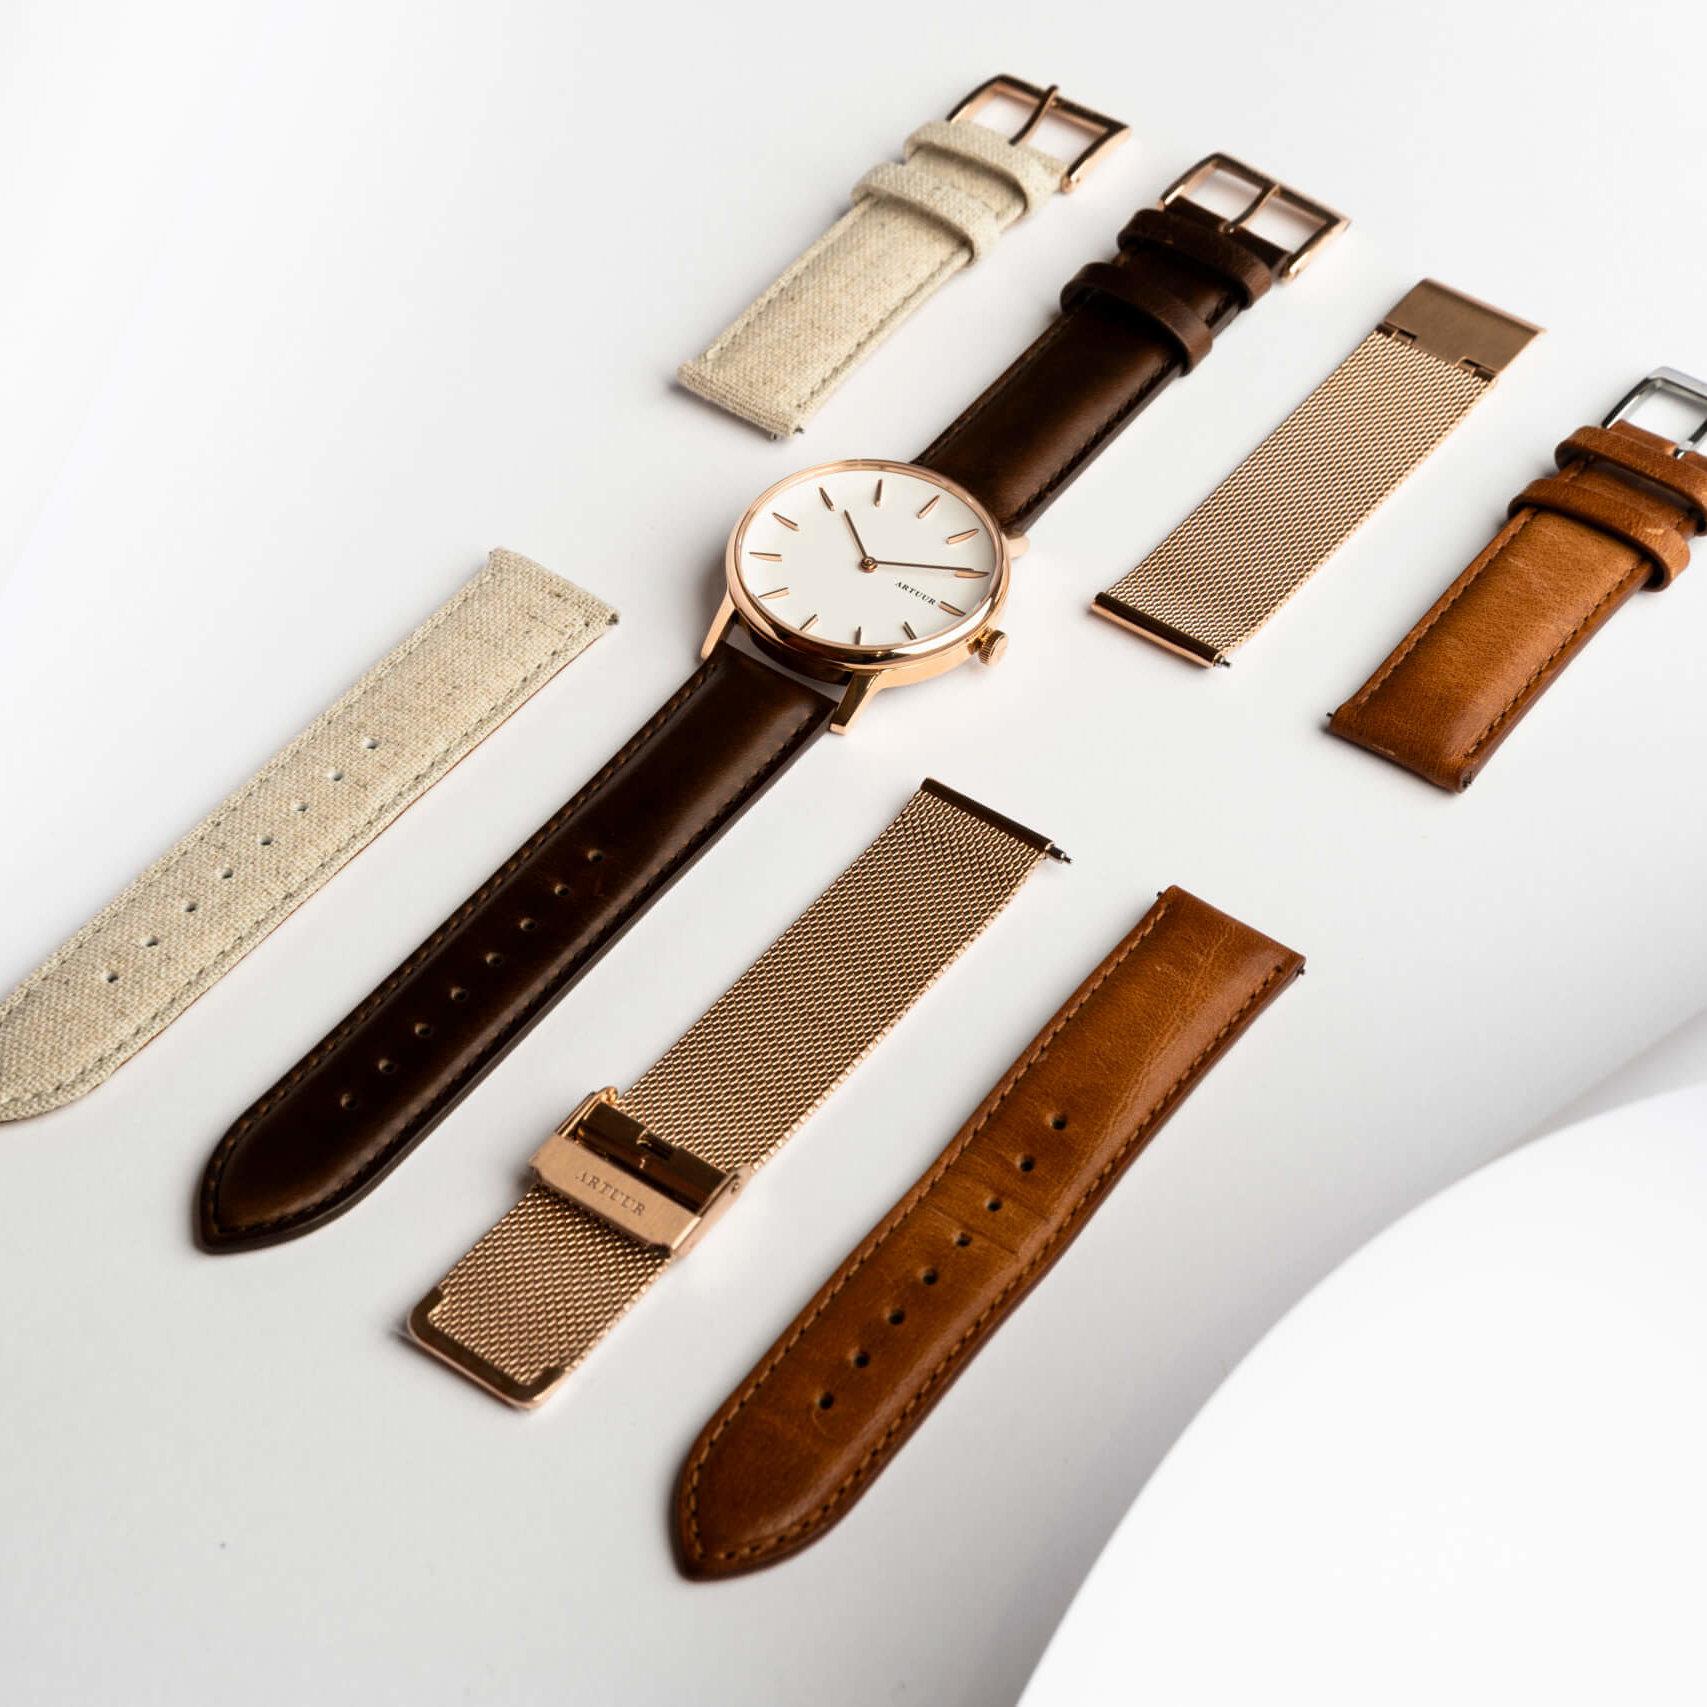 Het Artuur horloge met de verschillende polsbandjes.